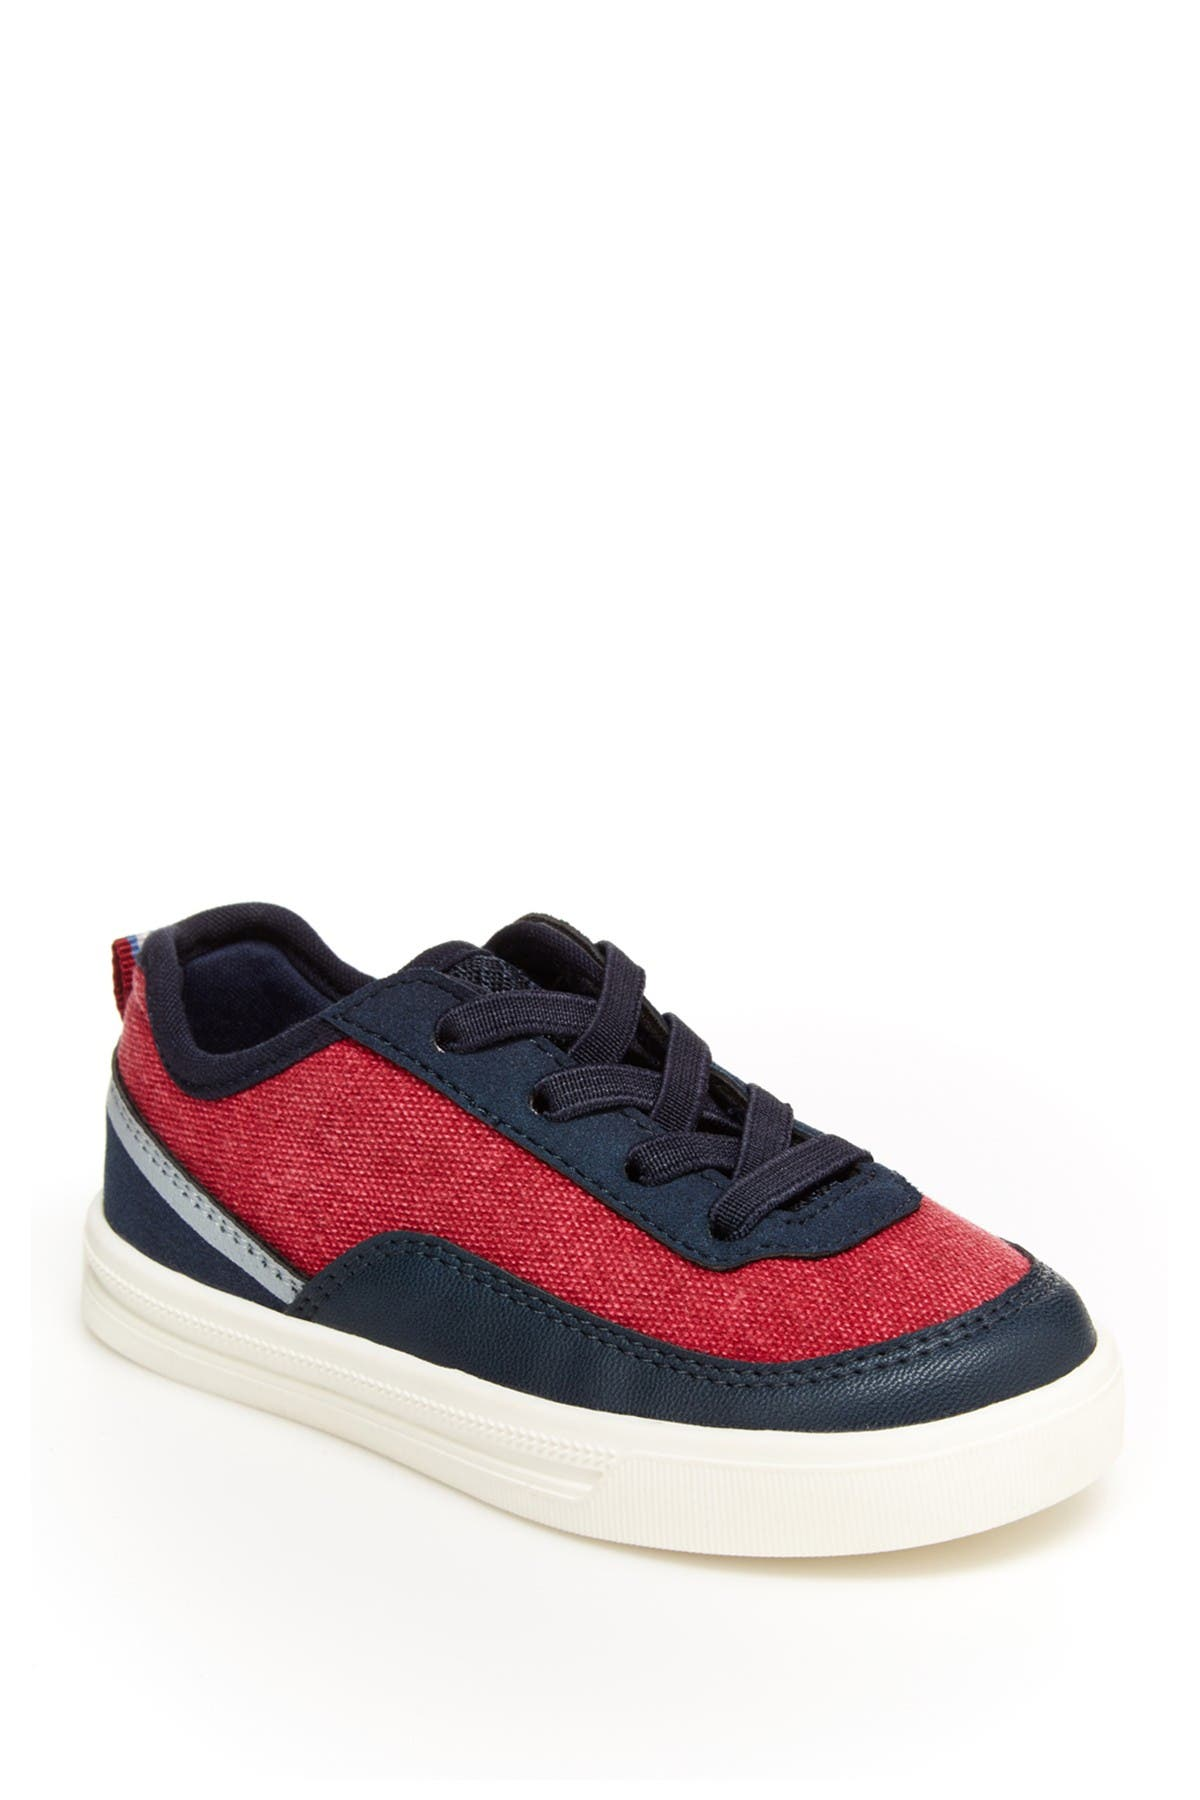 Image of OshKosh Ealing Low Top Sneaker